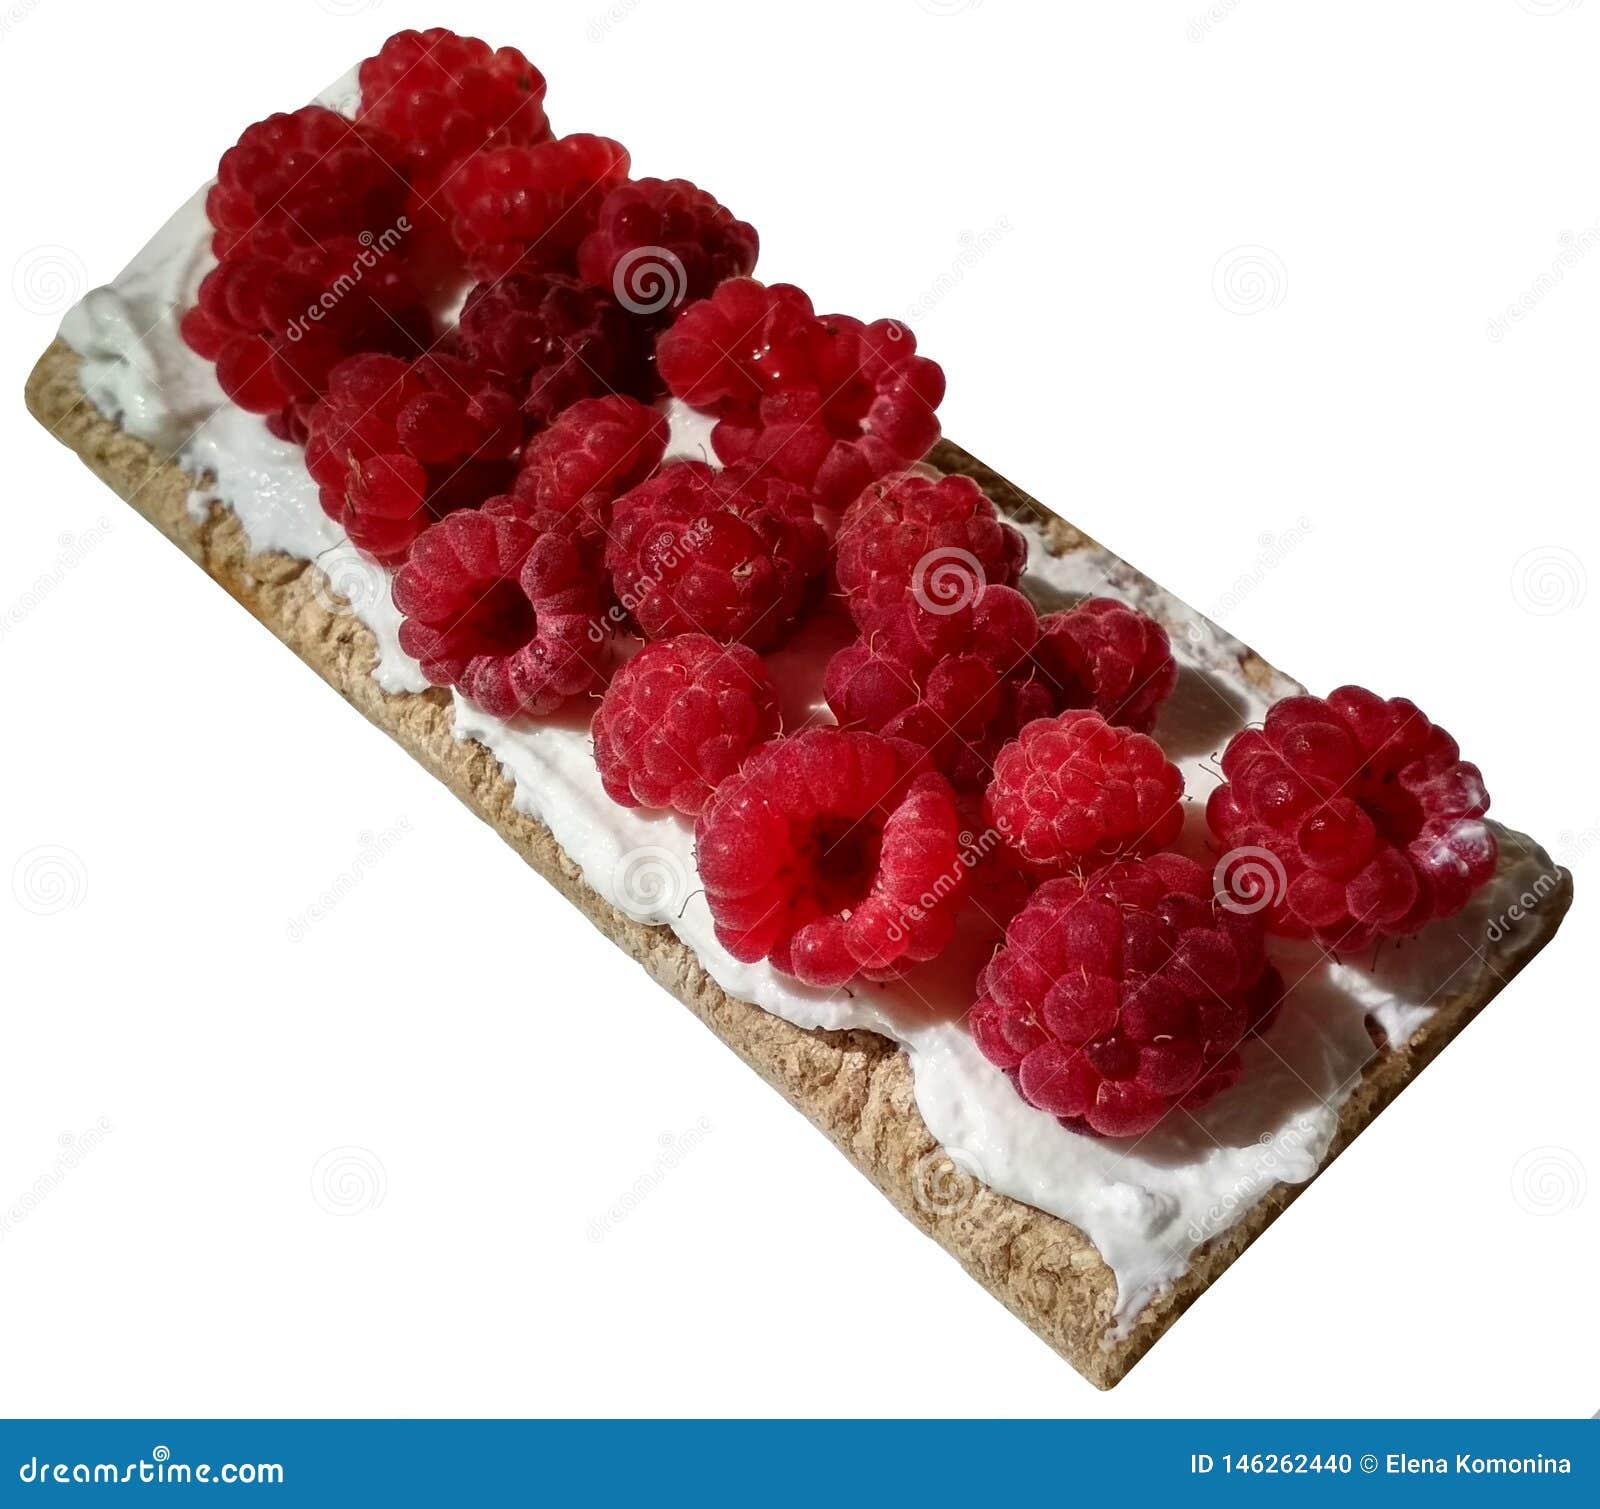 Ruspberries sur un pieace de pain croustillant avec de la crème